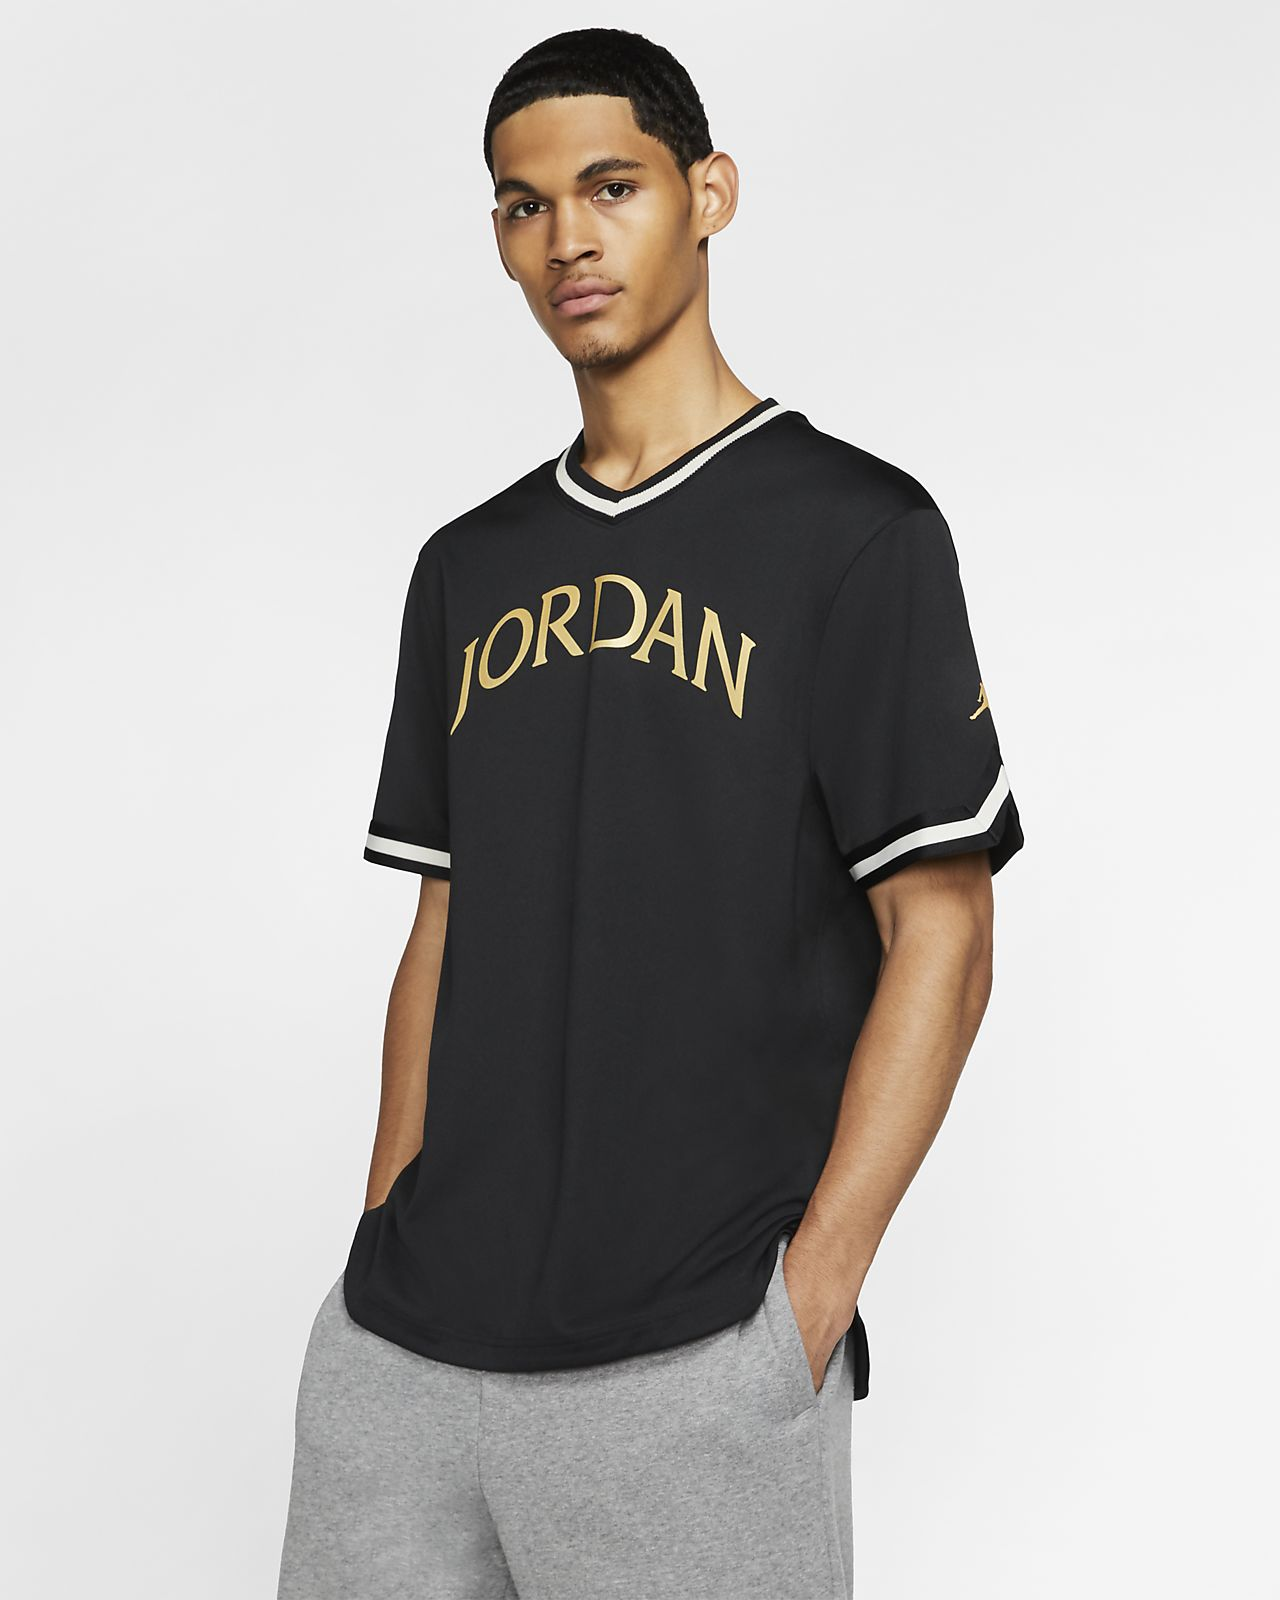 Jordan Remastered Herrenoberteil